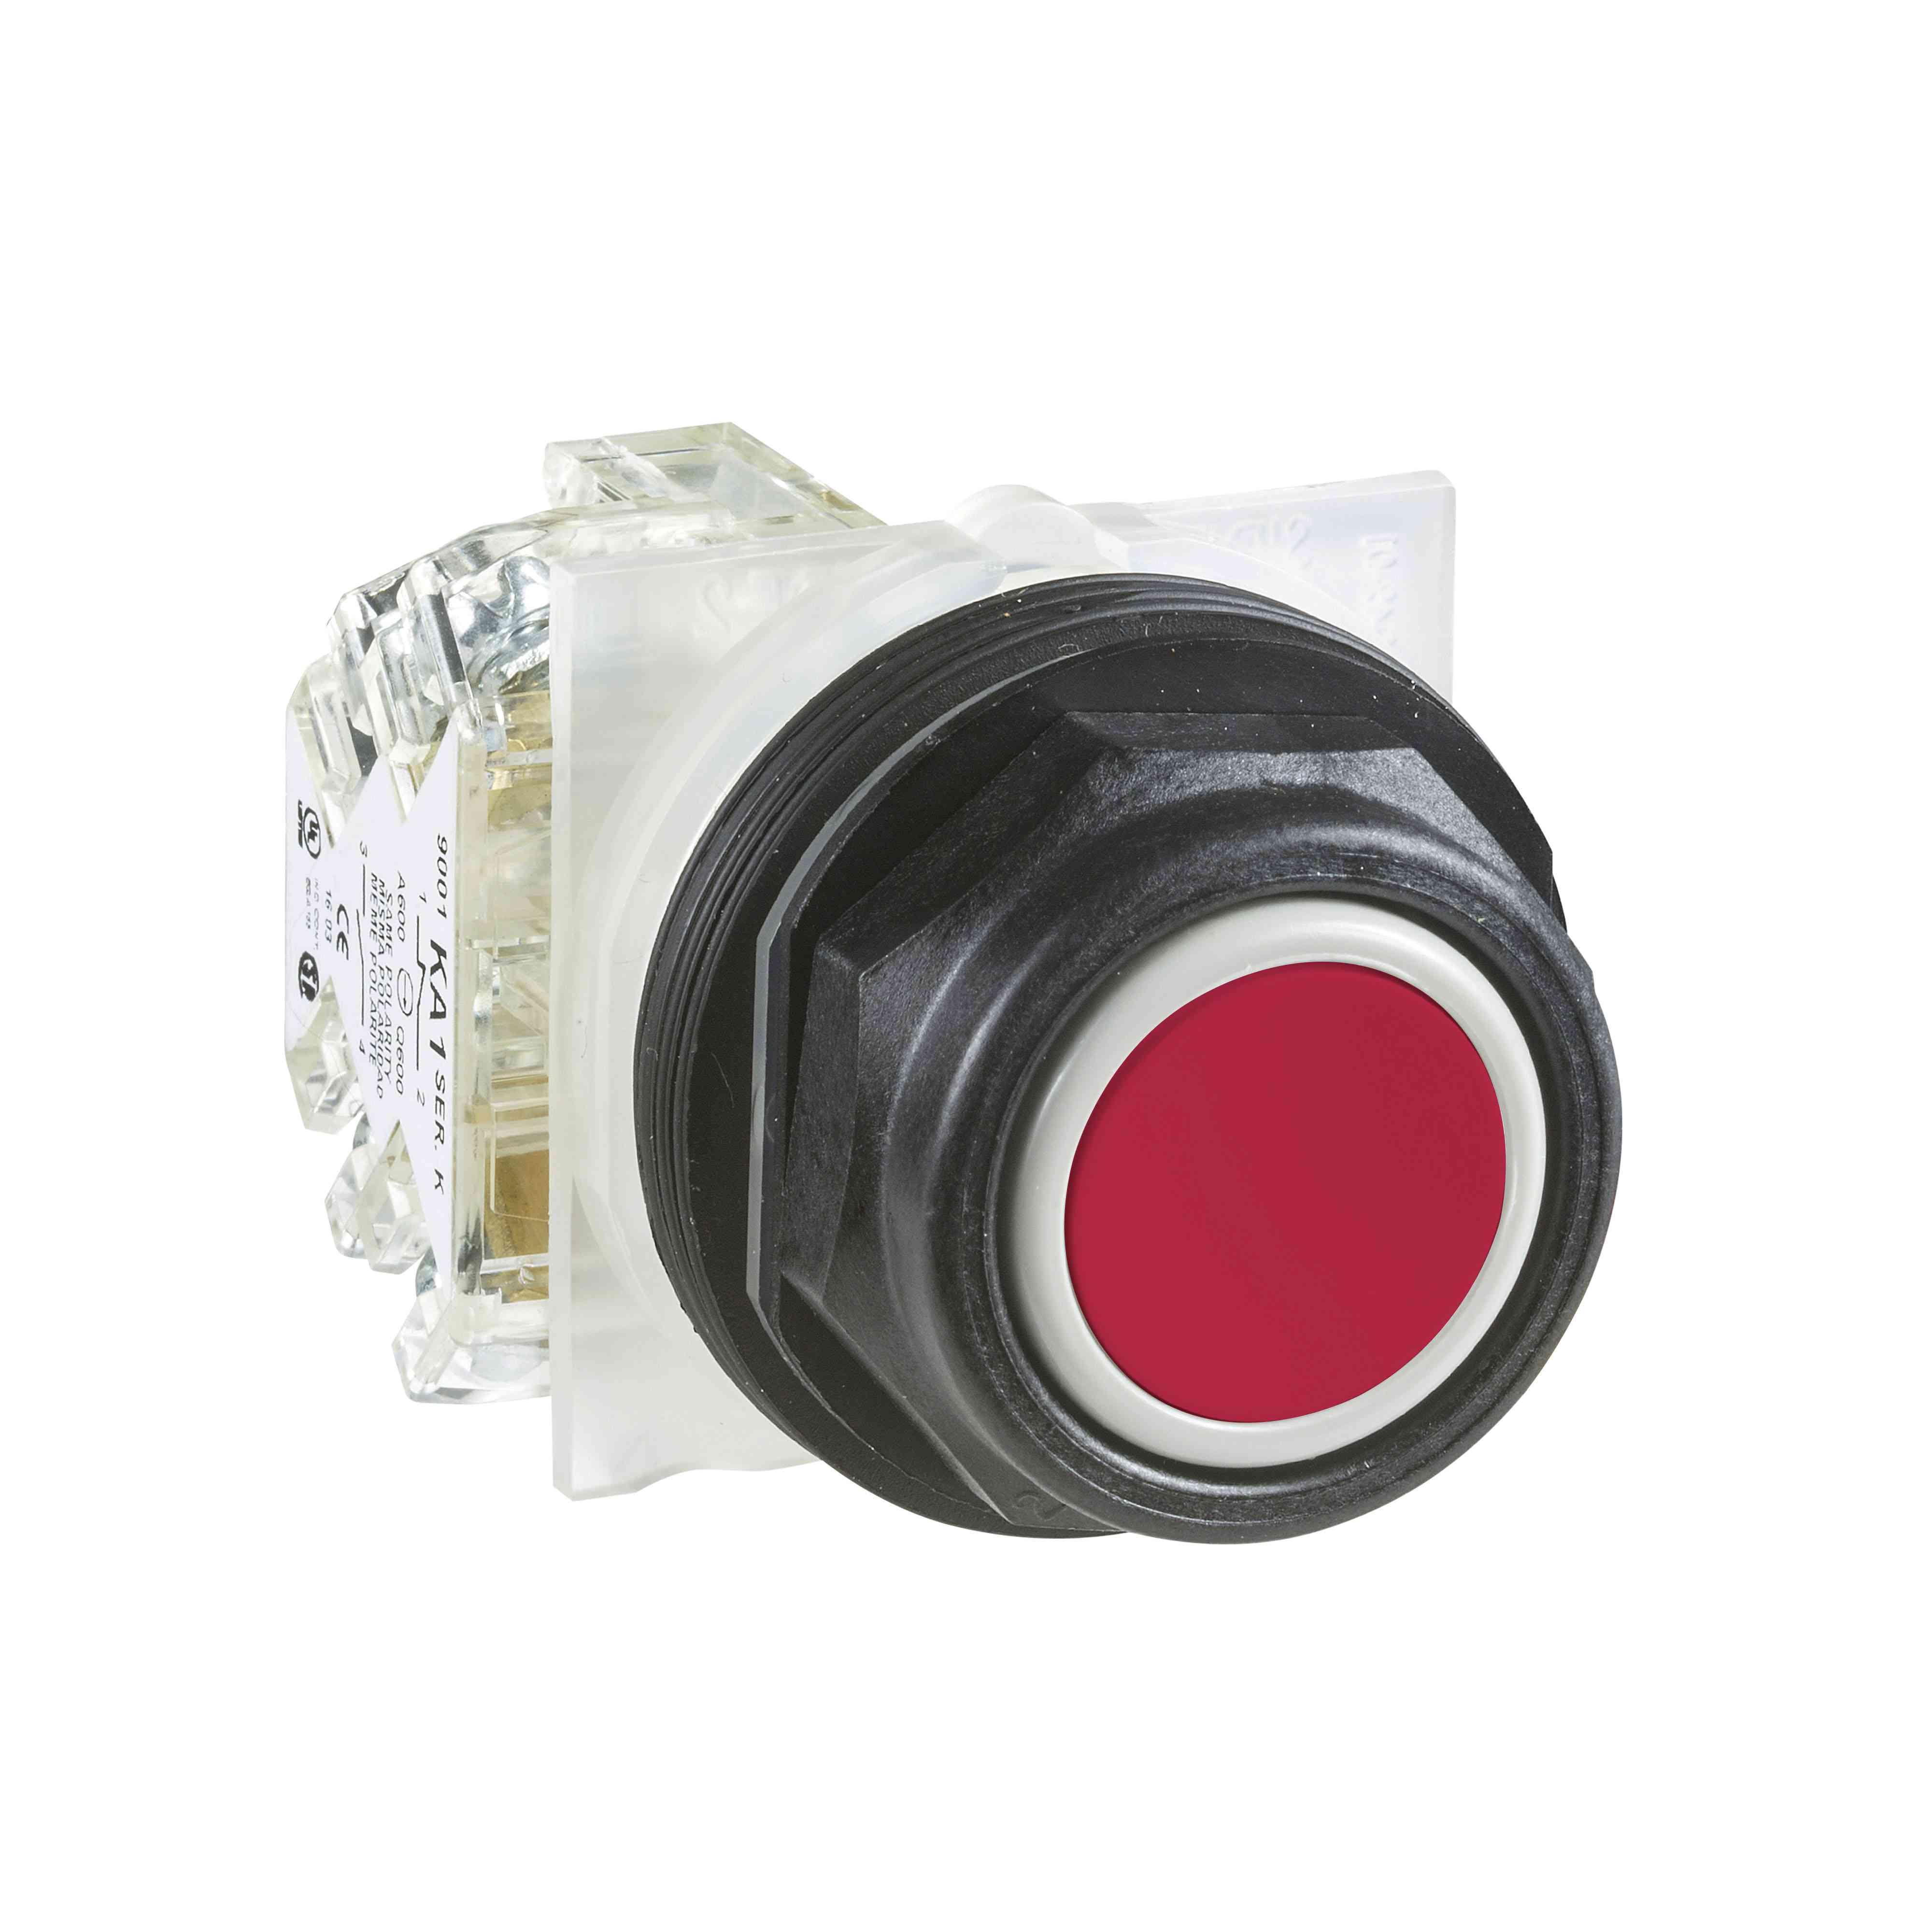 Tipka 600 V AC 10 AMP 30 mm sk + možnosti